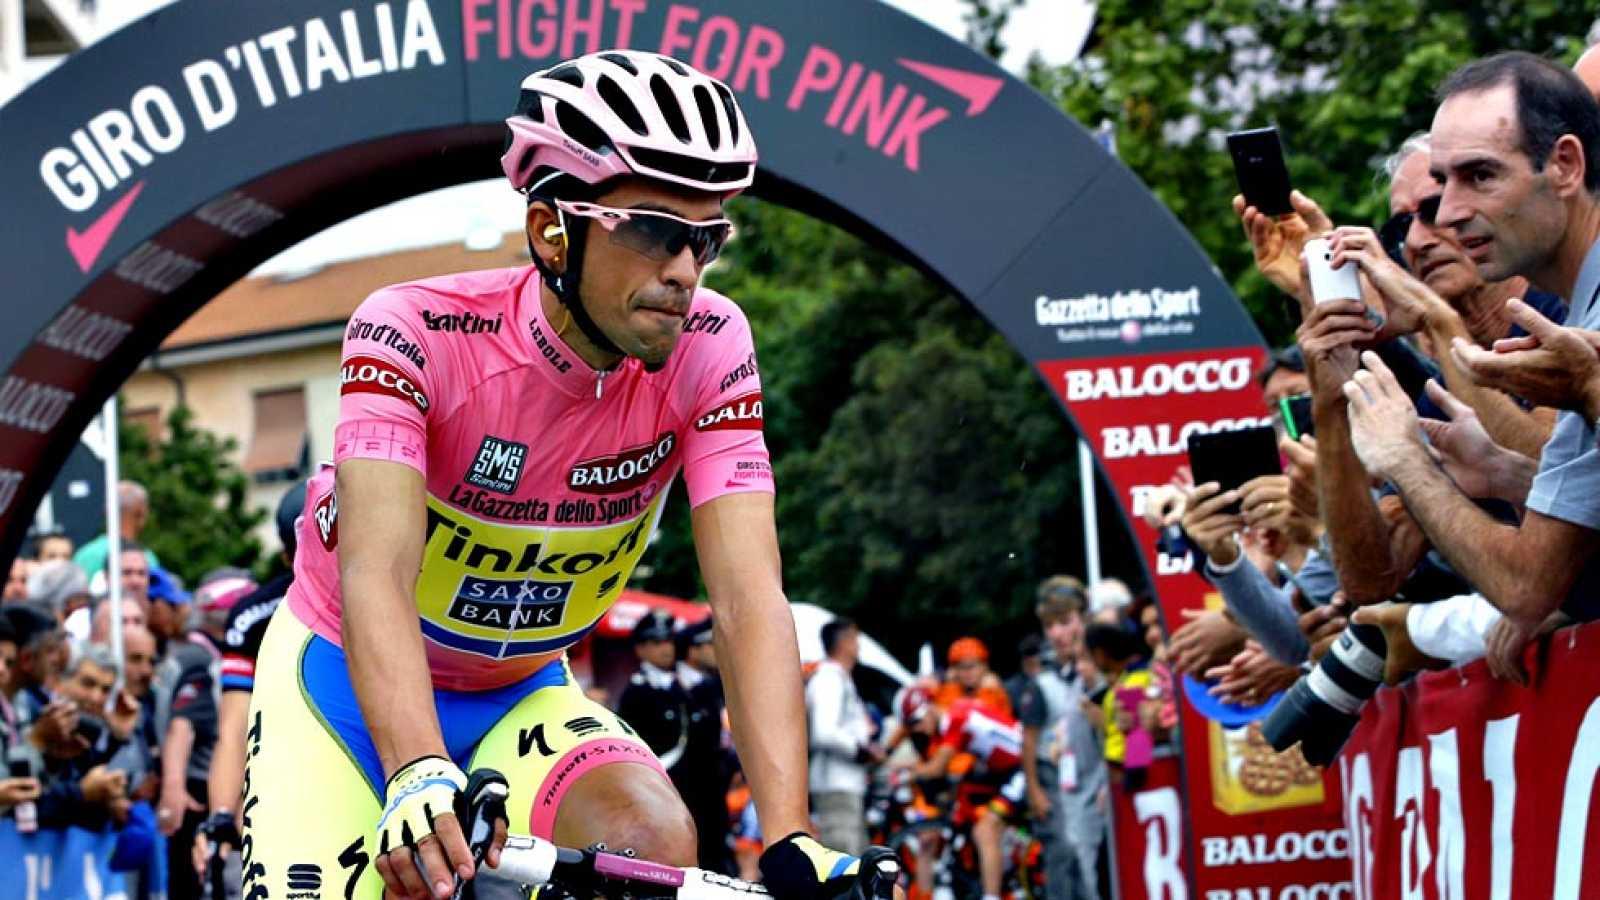 El ciclista español Alberto Contador (Tinkoff-Saxo) ha tomado la  salida de la séptima etapa del Giro de Italia que lidera, que  transcurre entre las localidades de Grosseto y Fiuggi sobre 254  kilómetros y es la más larga del recorrido, pese a la di